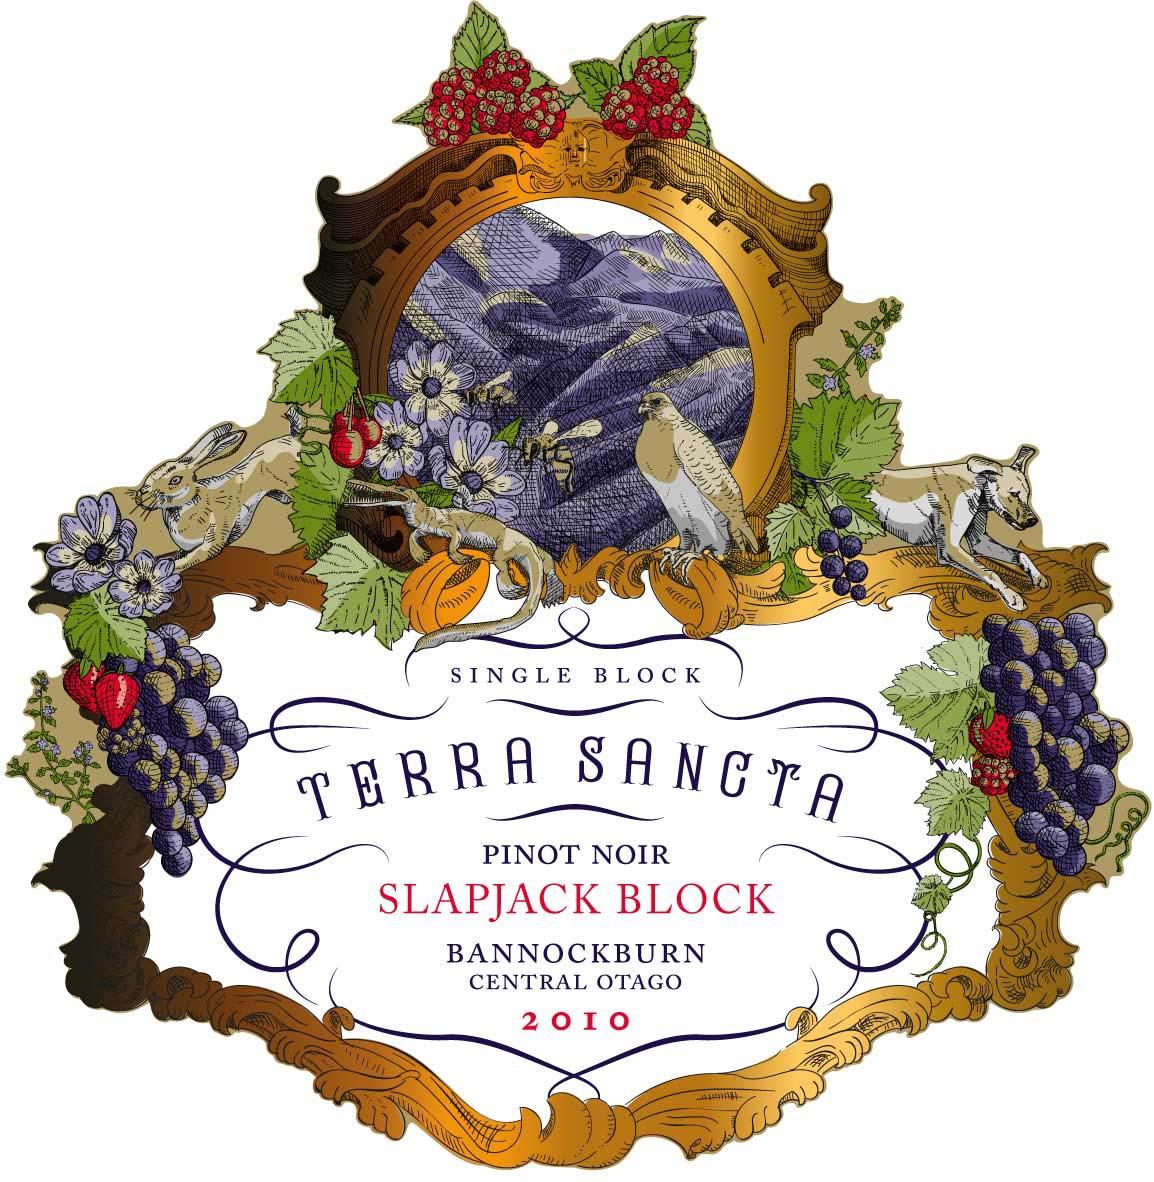 圣地杰克之地黑皮诺干红Terra Sancta Slapjack Block Pinot Noir